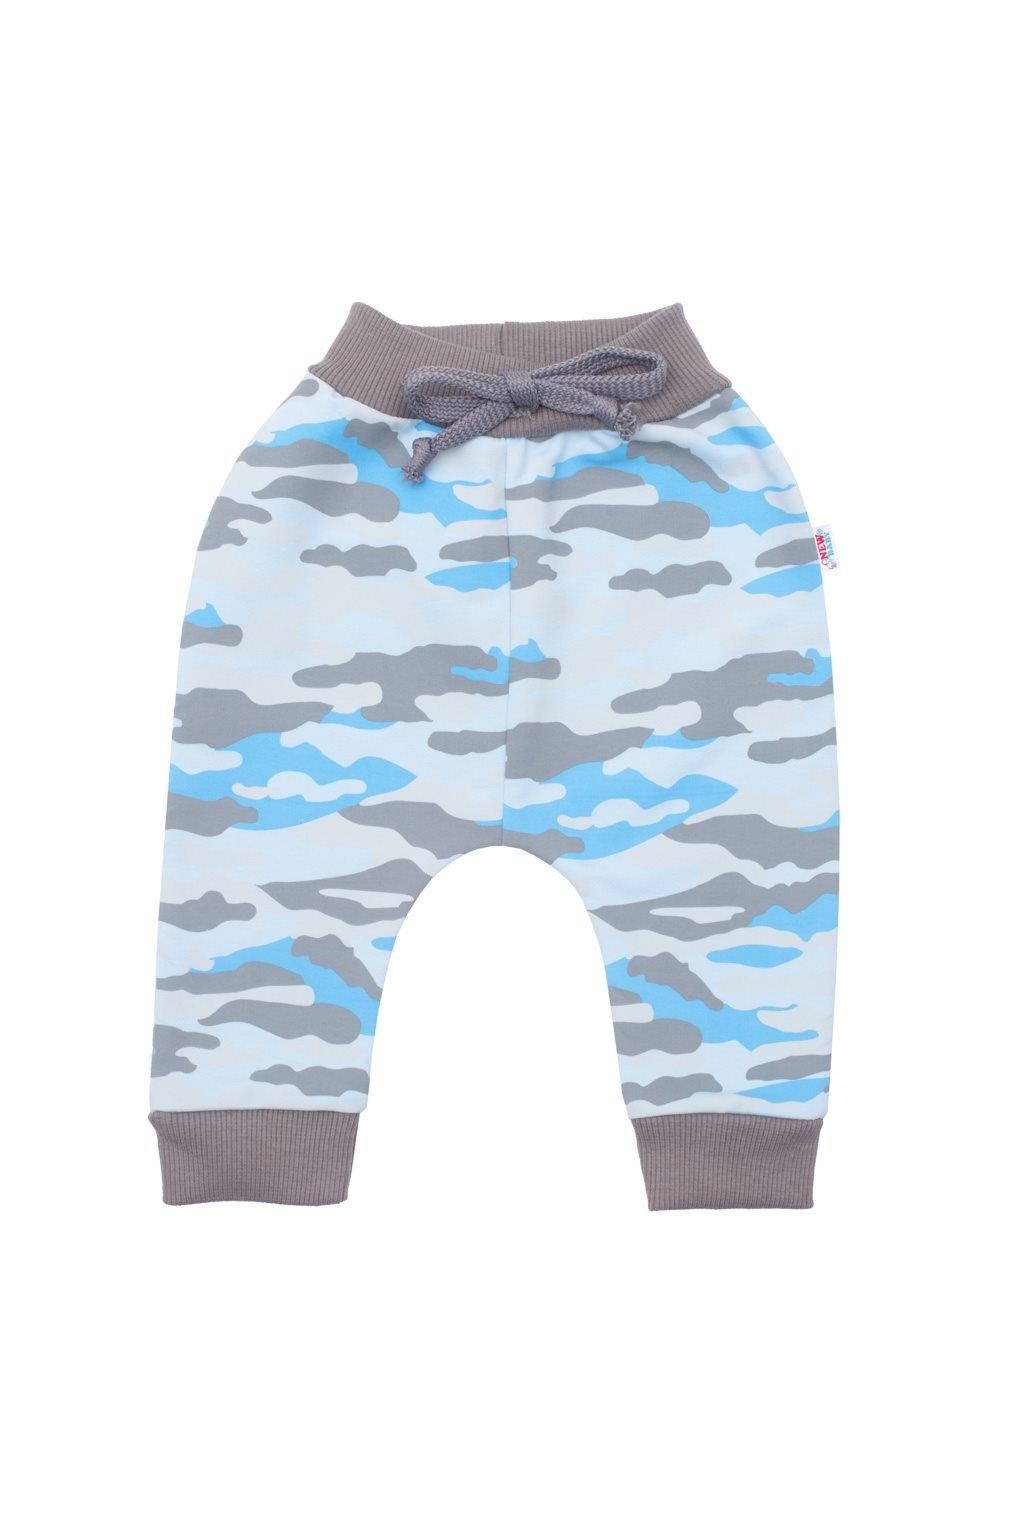 Dojčenské bavlnené tepláčky New Baby With Love modré